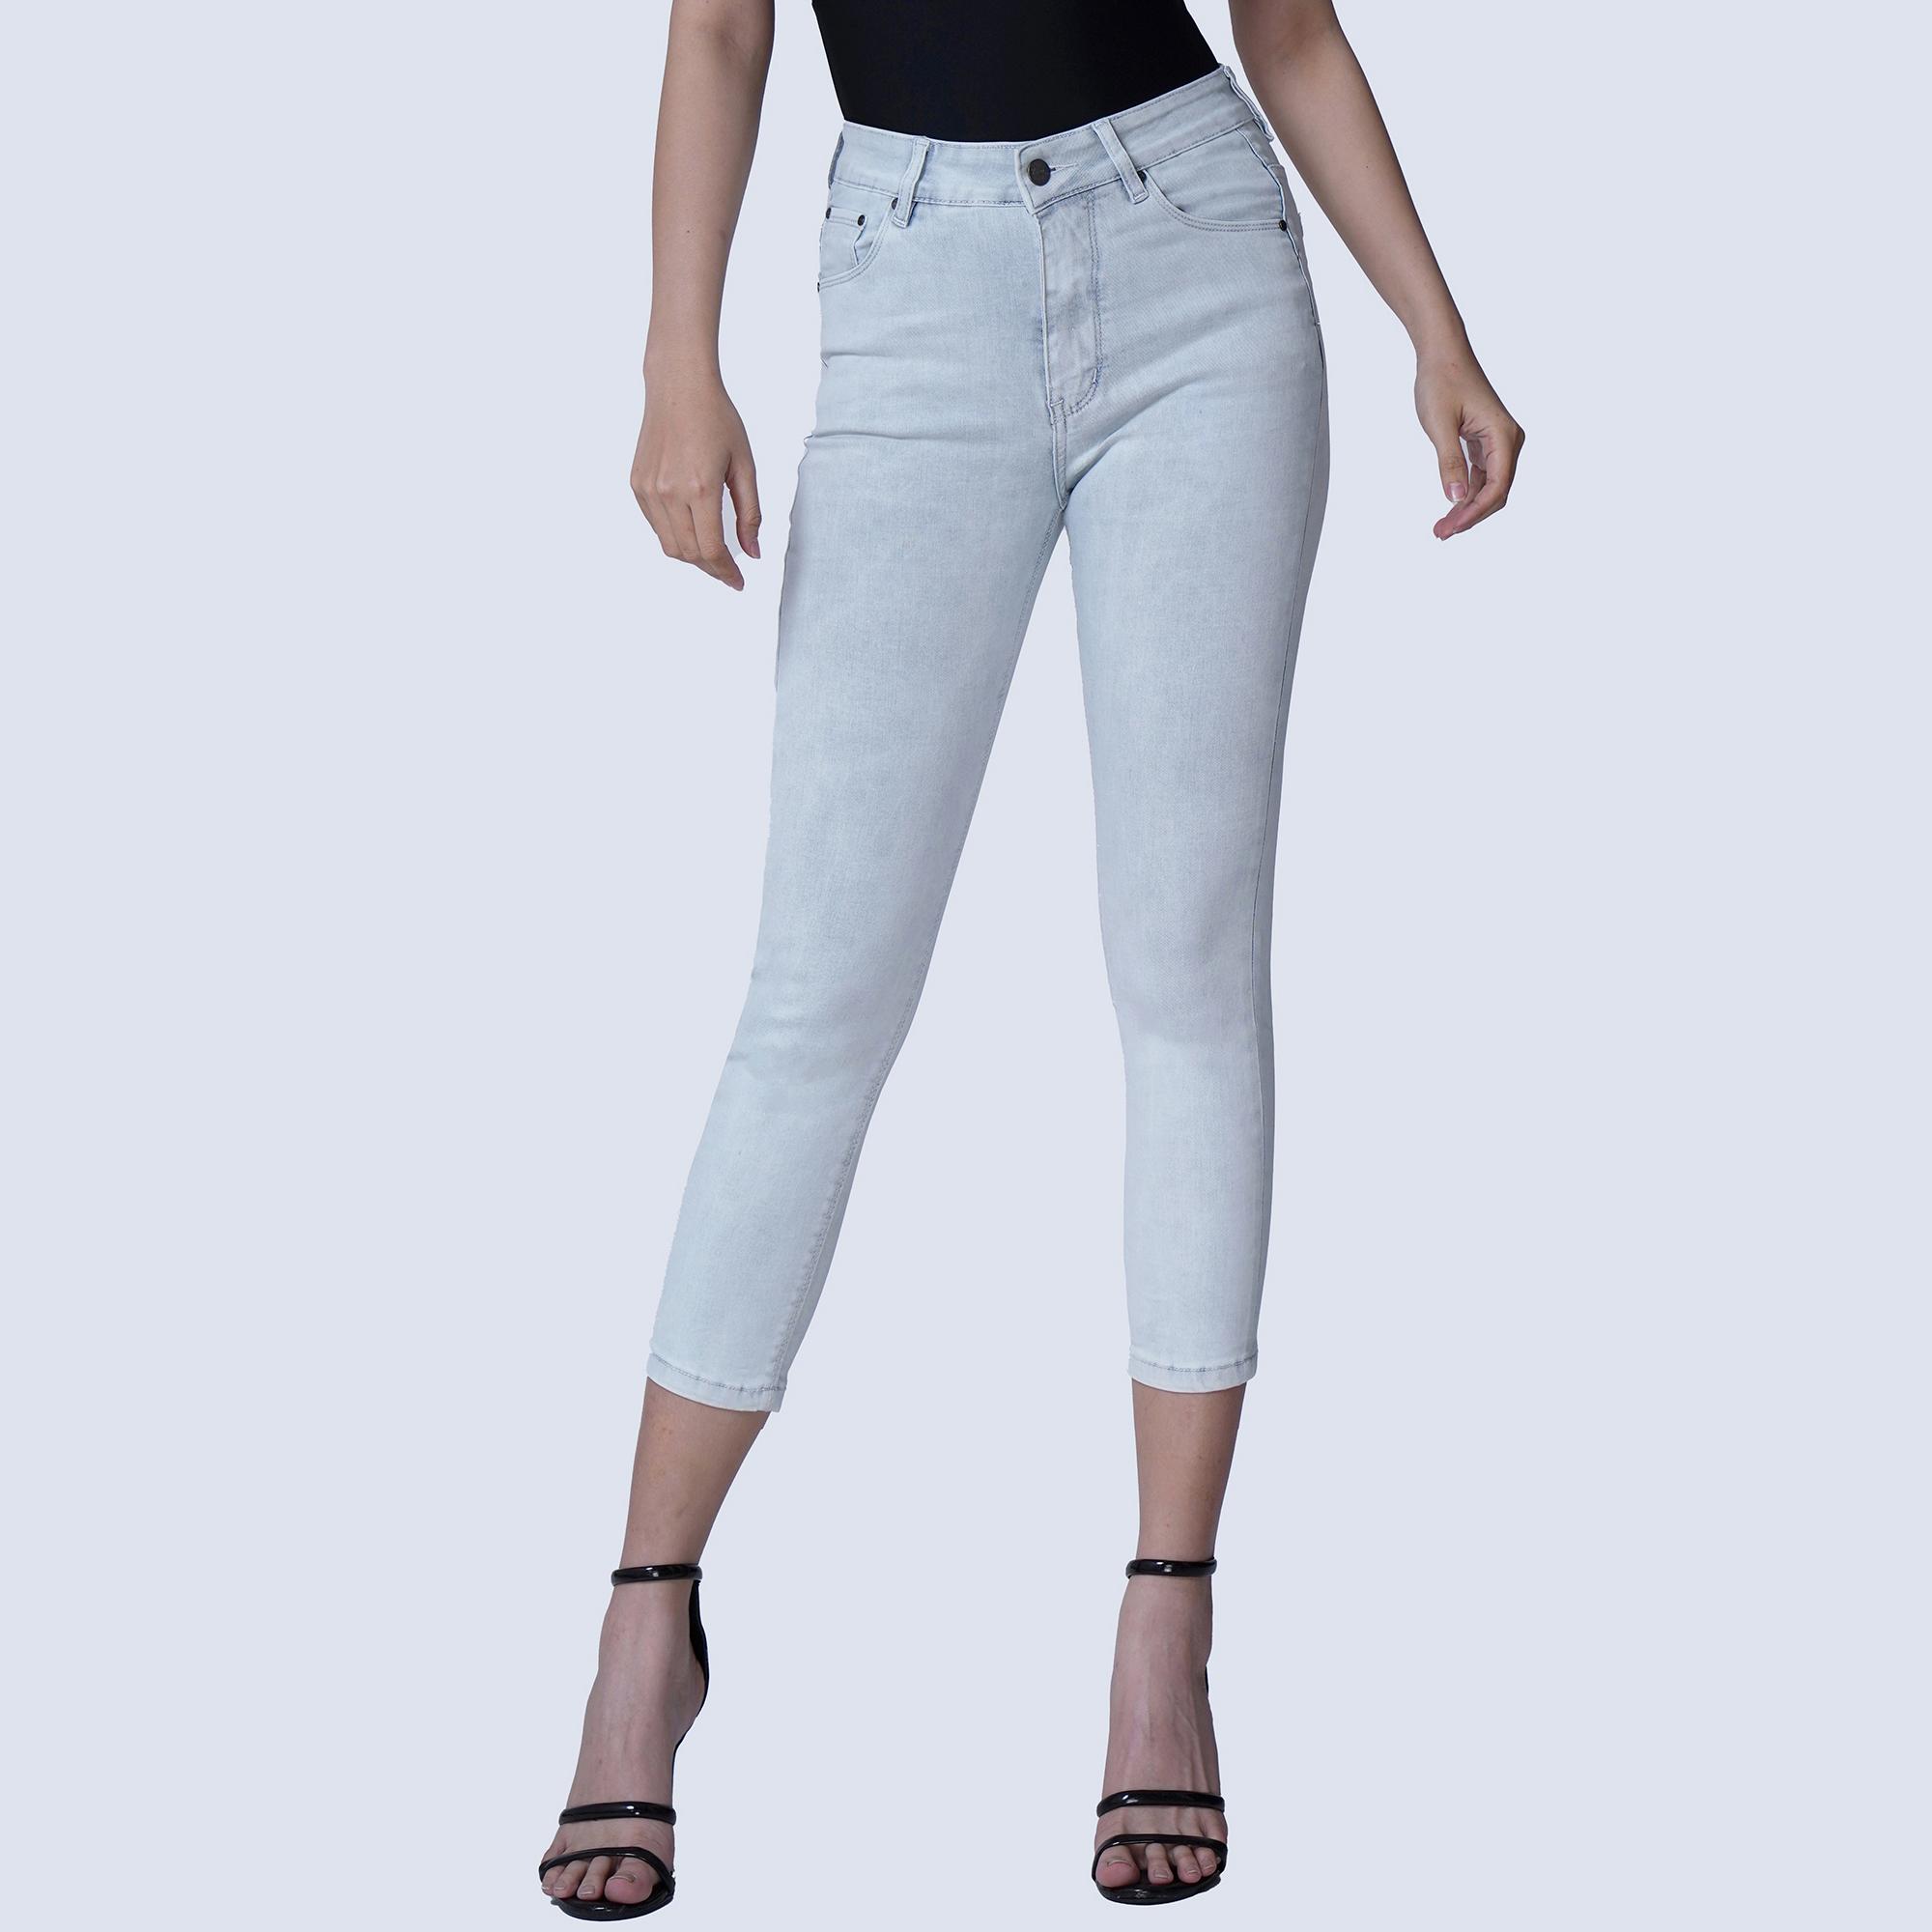 Quần Jean Nữ Lửng Aaa Jeans Skinny Lưng Cao Nhiều Màu